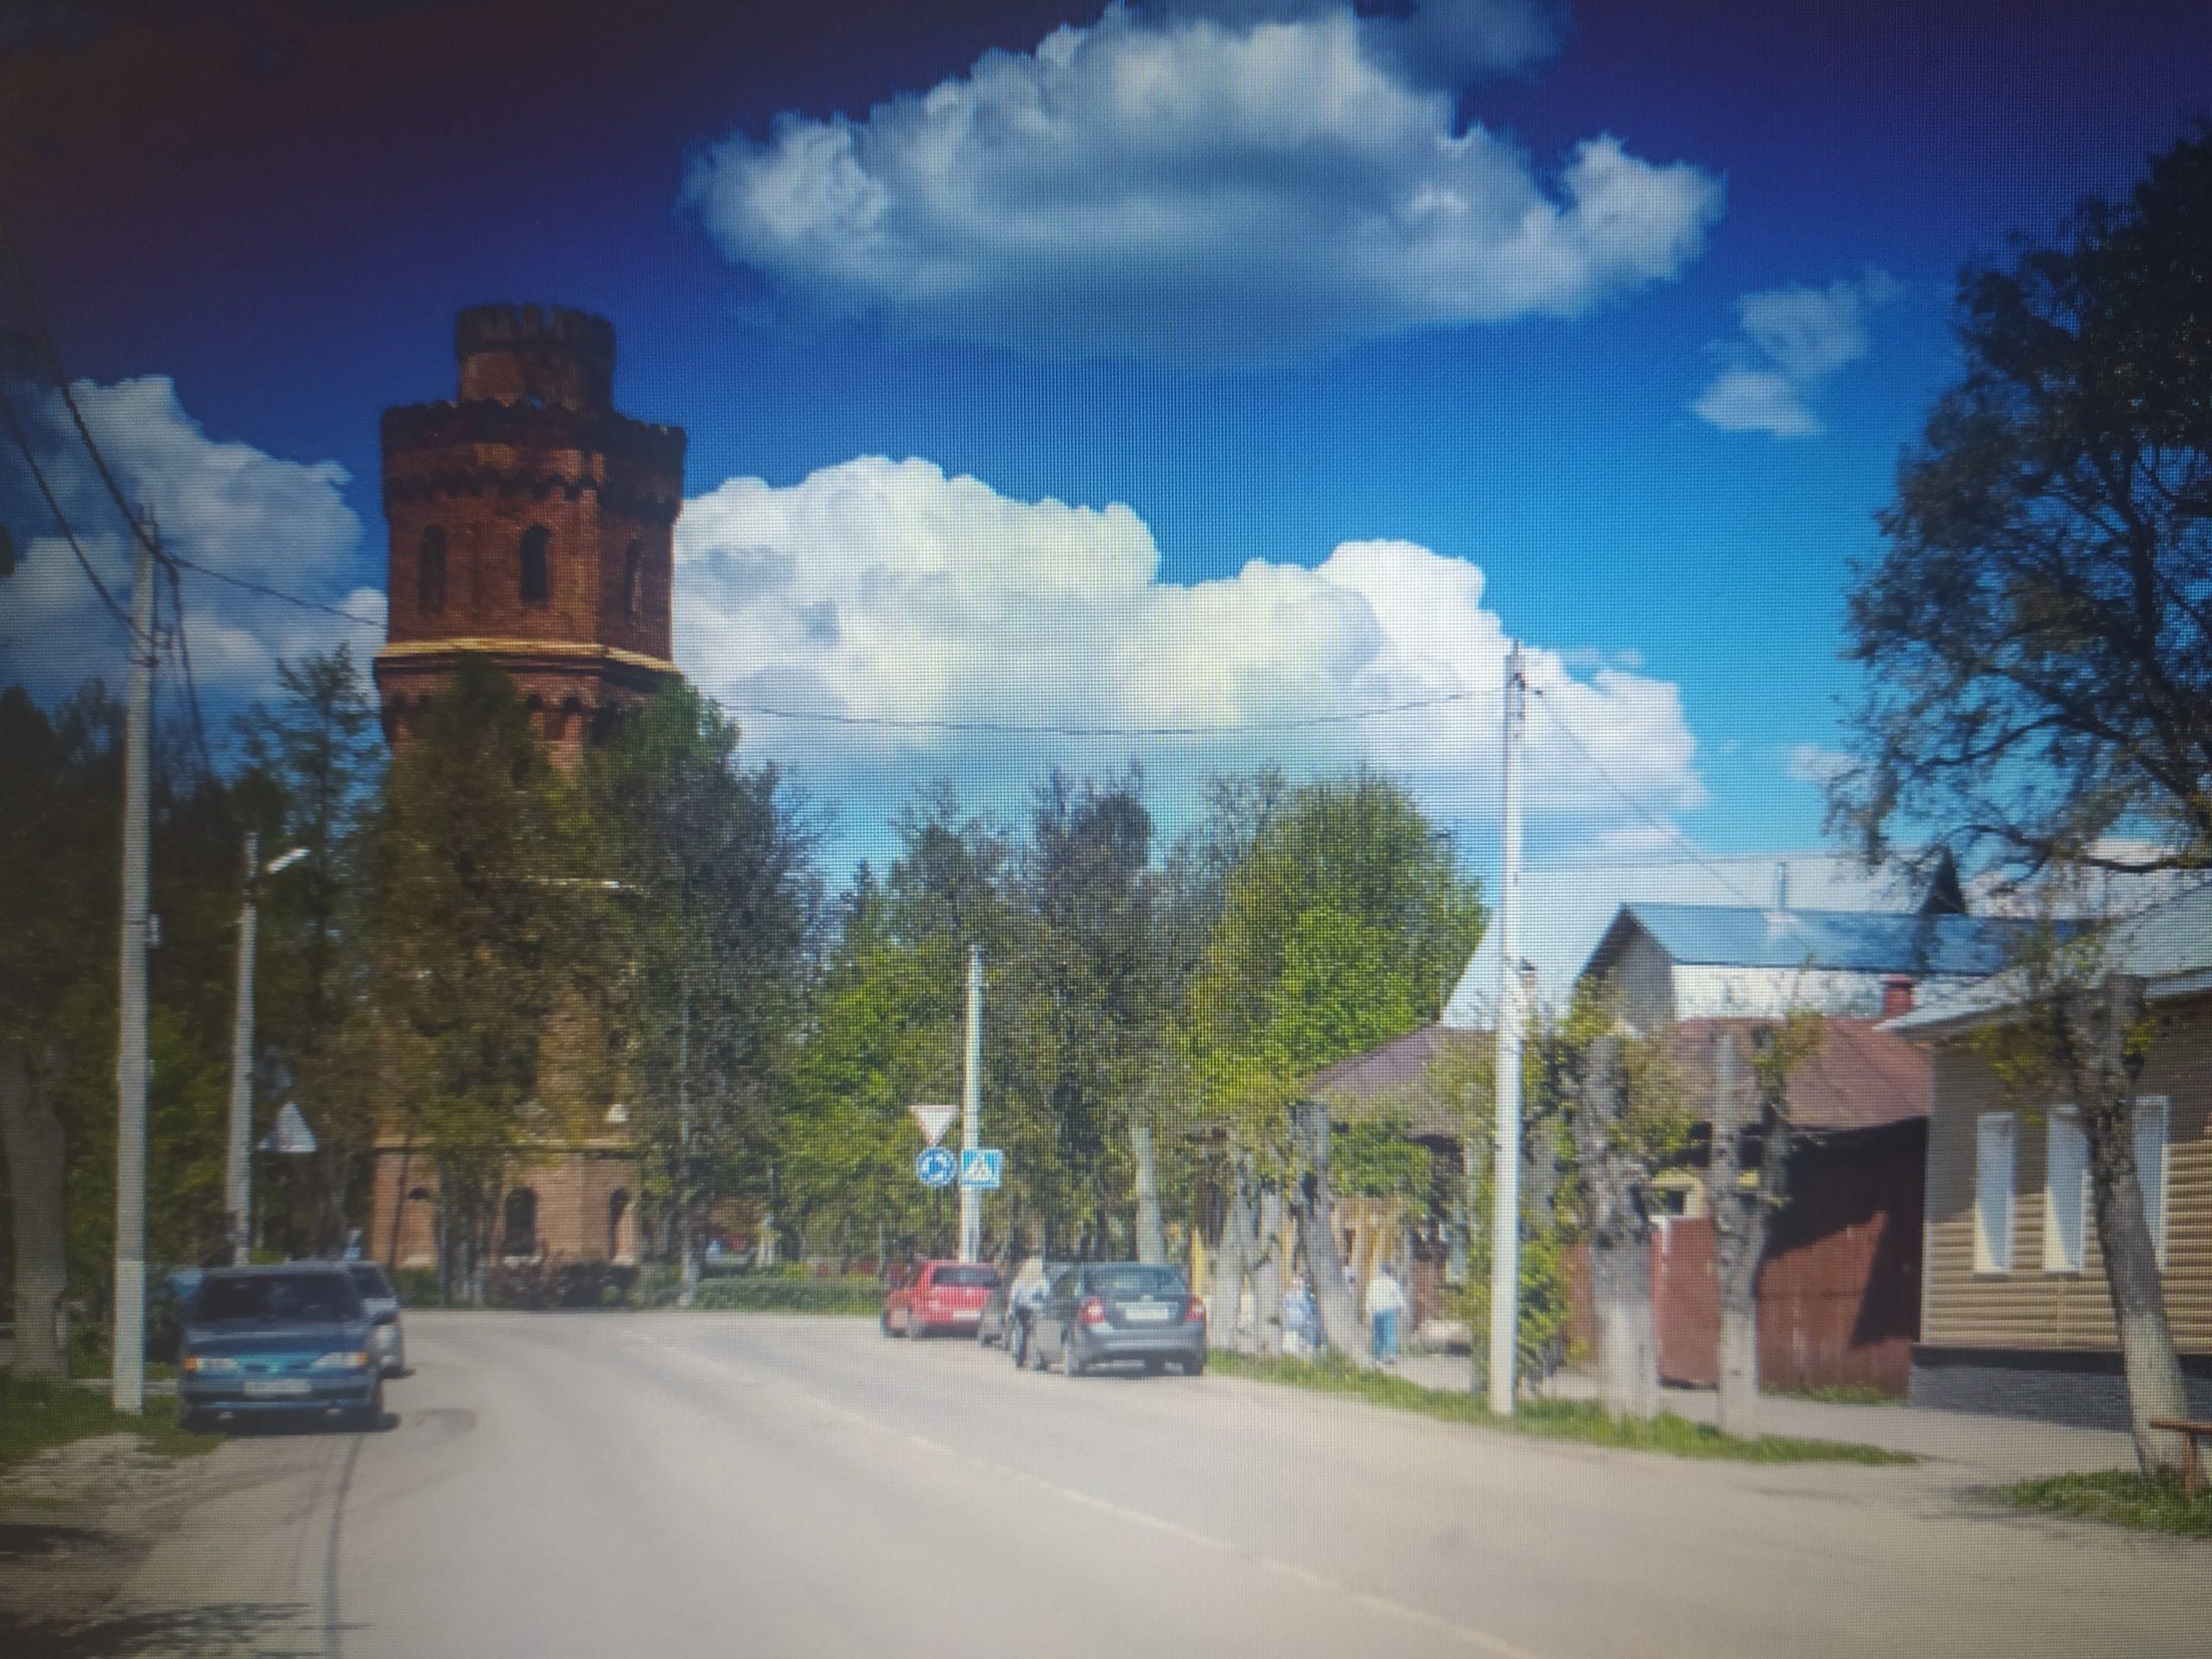 Зарайск, одна из улиц города.